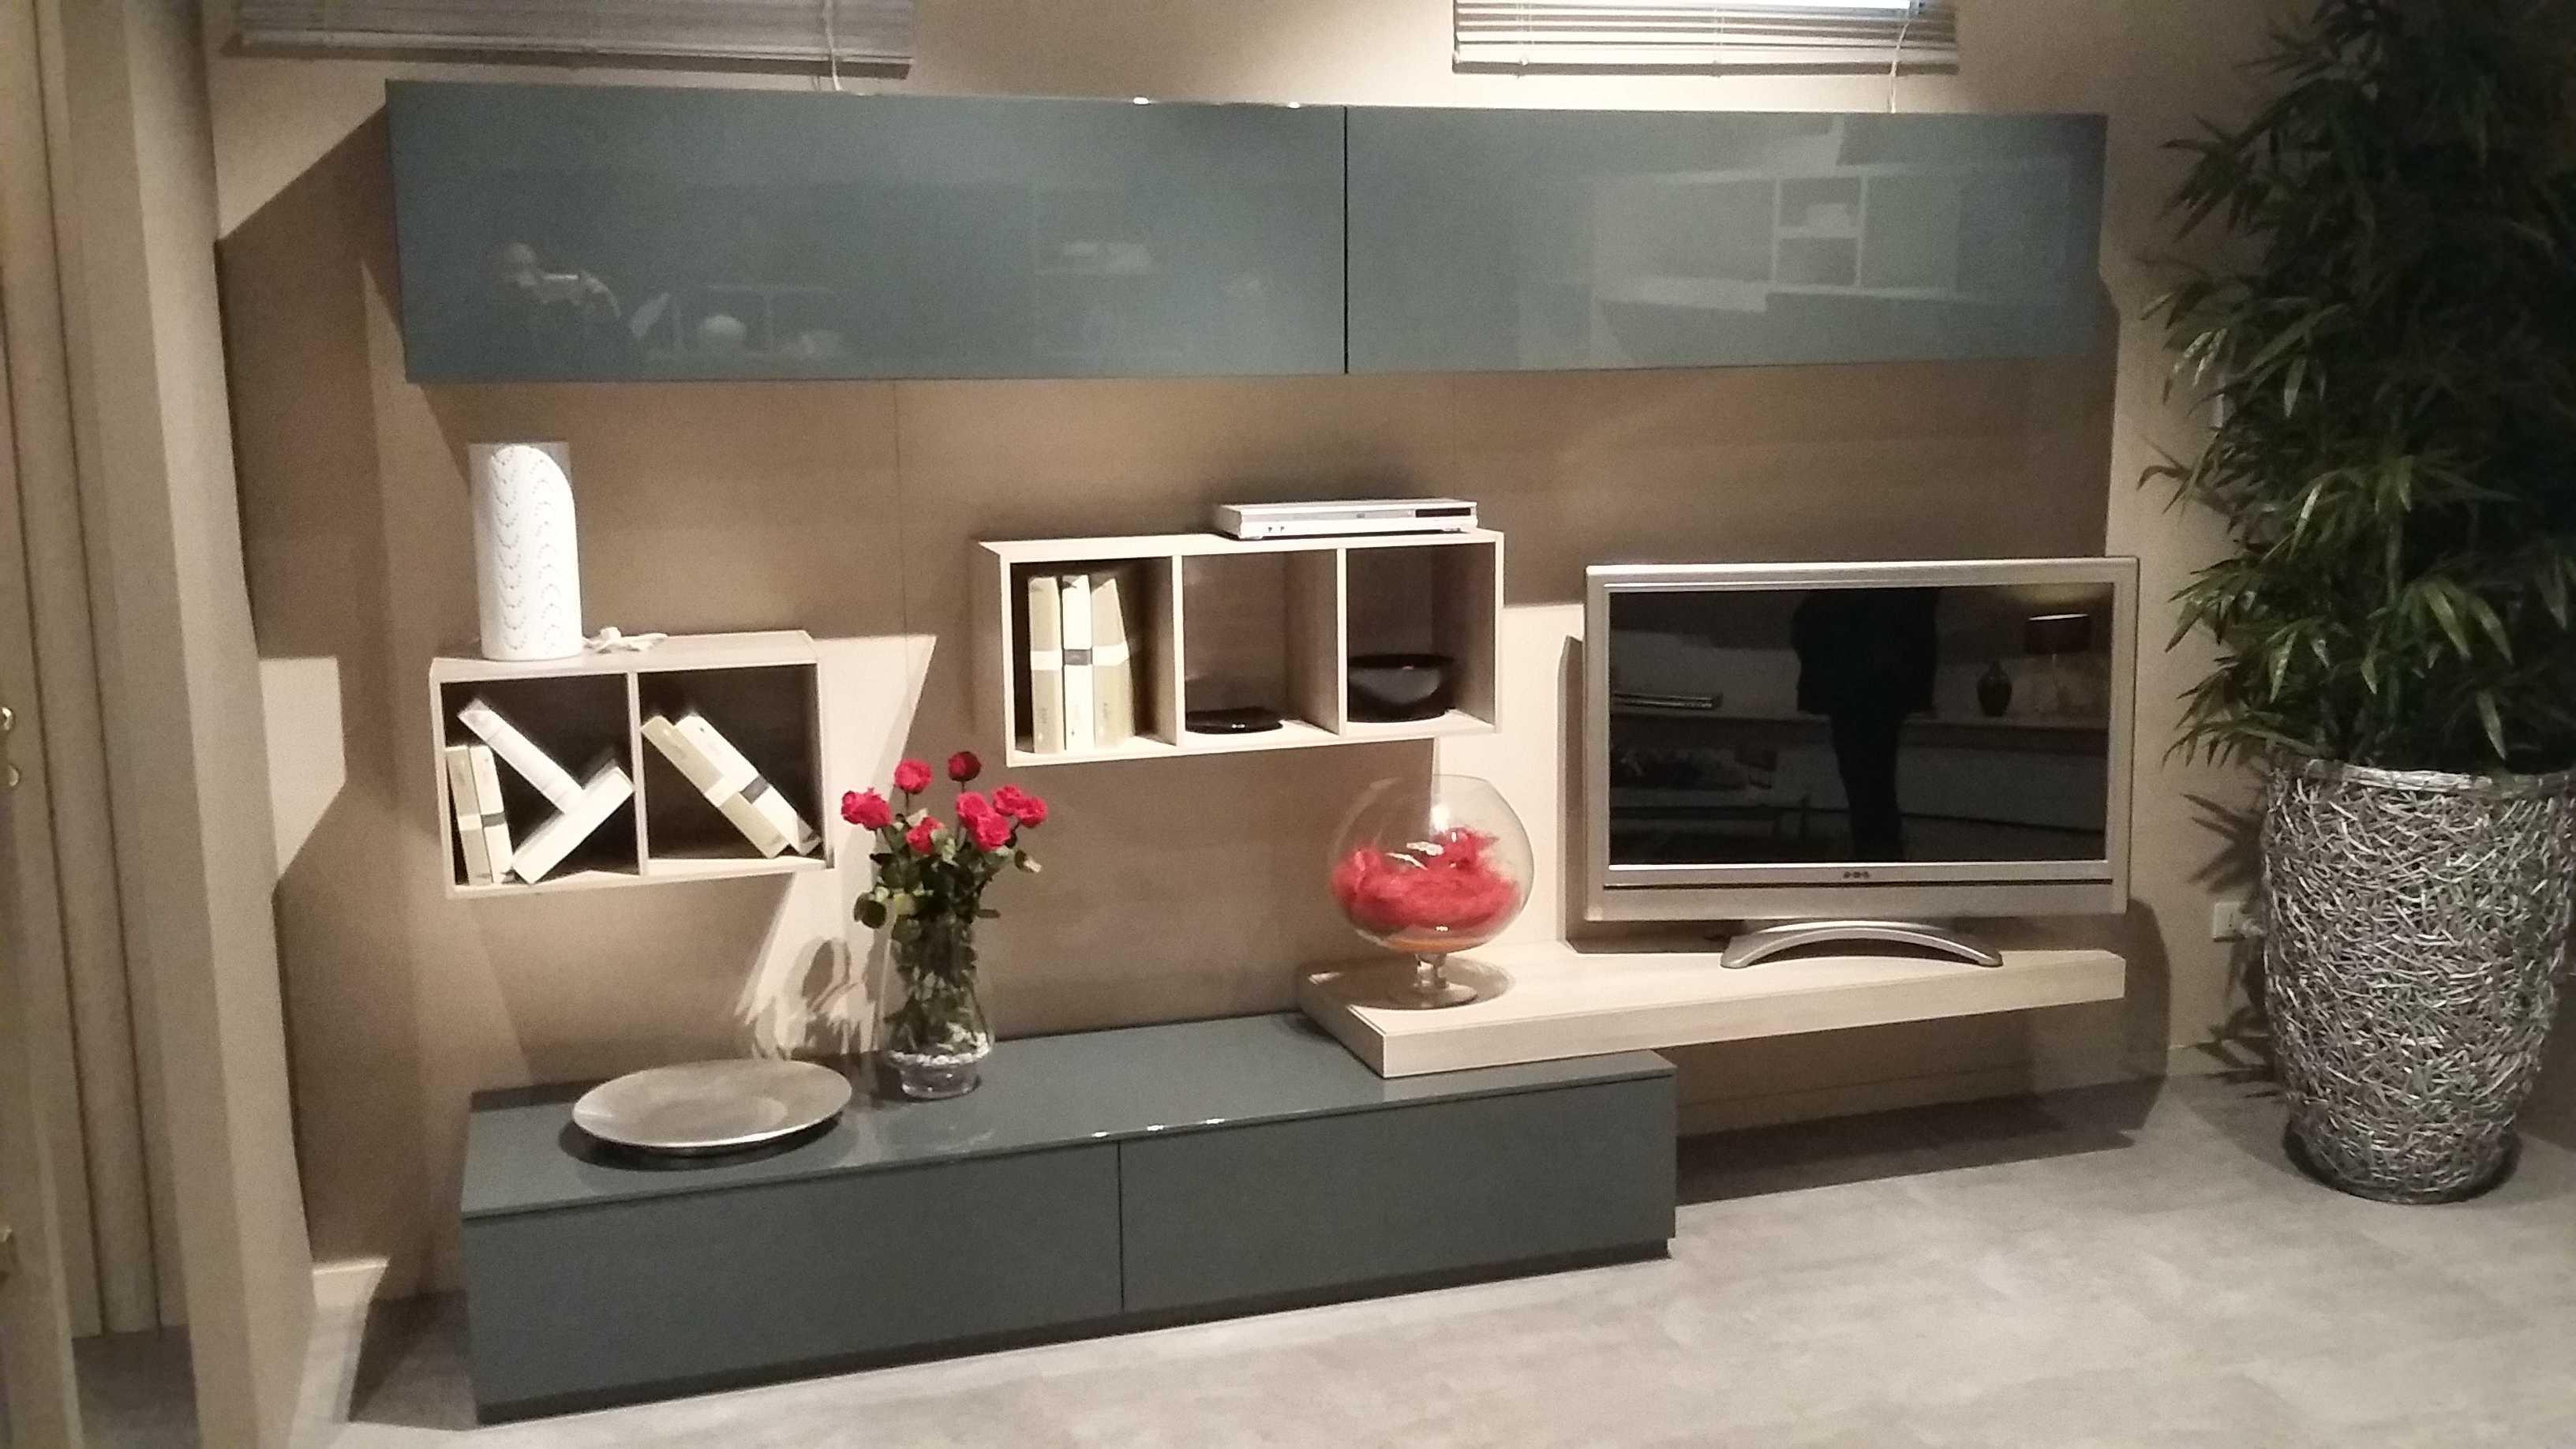 Best Soggiorni Moderni Prezzi Gallery - Design & Ideas 2018 ...